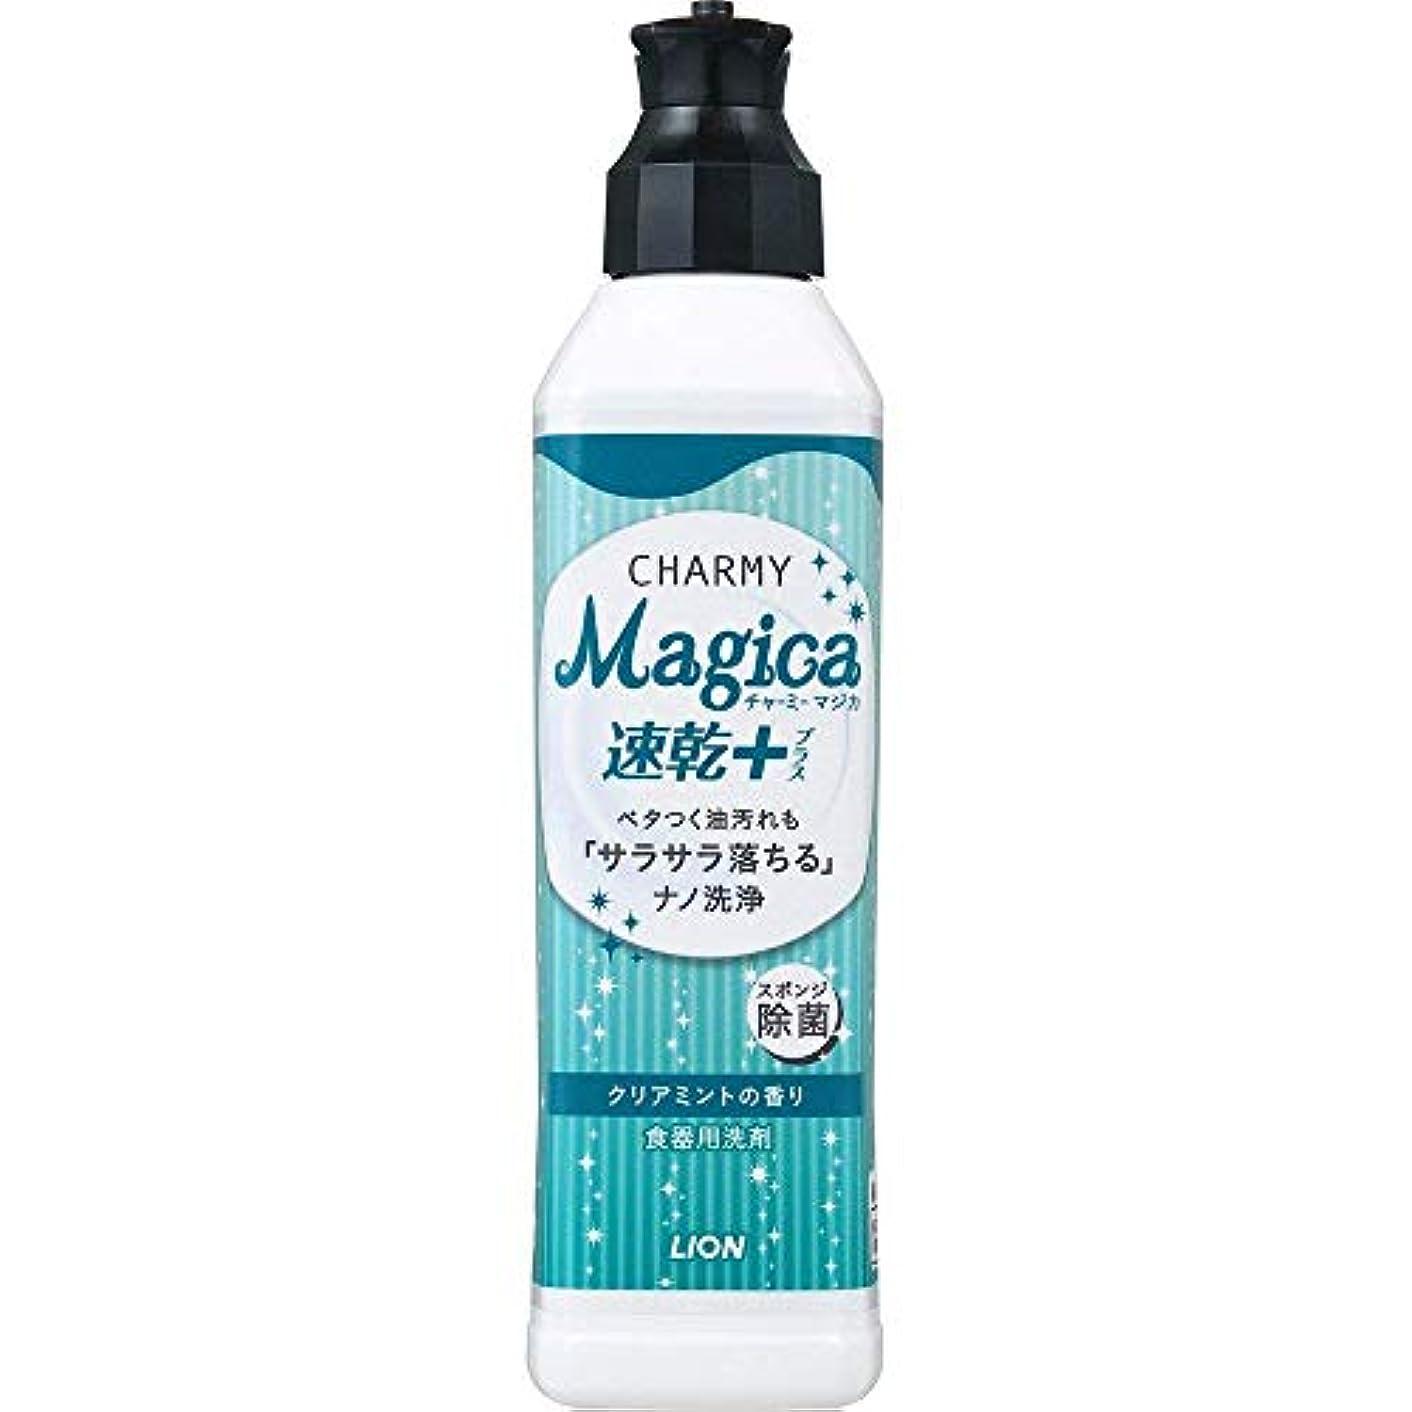 計算可能正確に買い手チャーミーマジカ 食器用洗剤 速乾+ クリアミントの香り 本体 220ml×24個